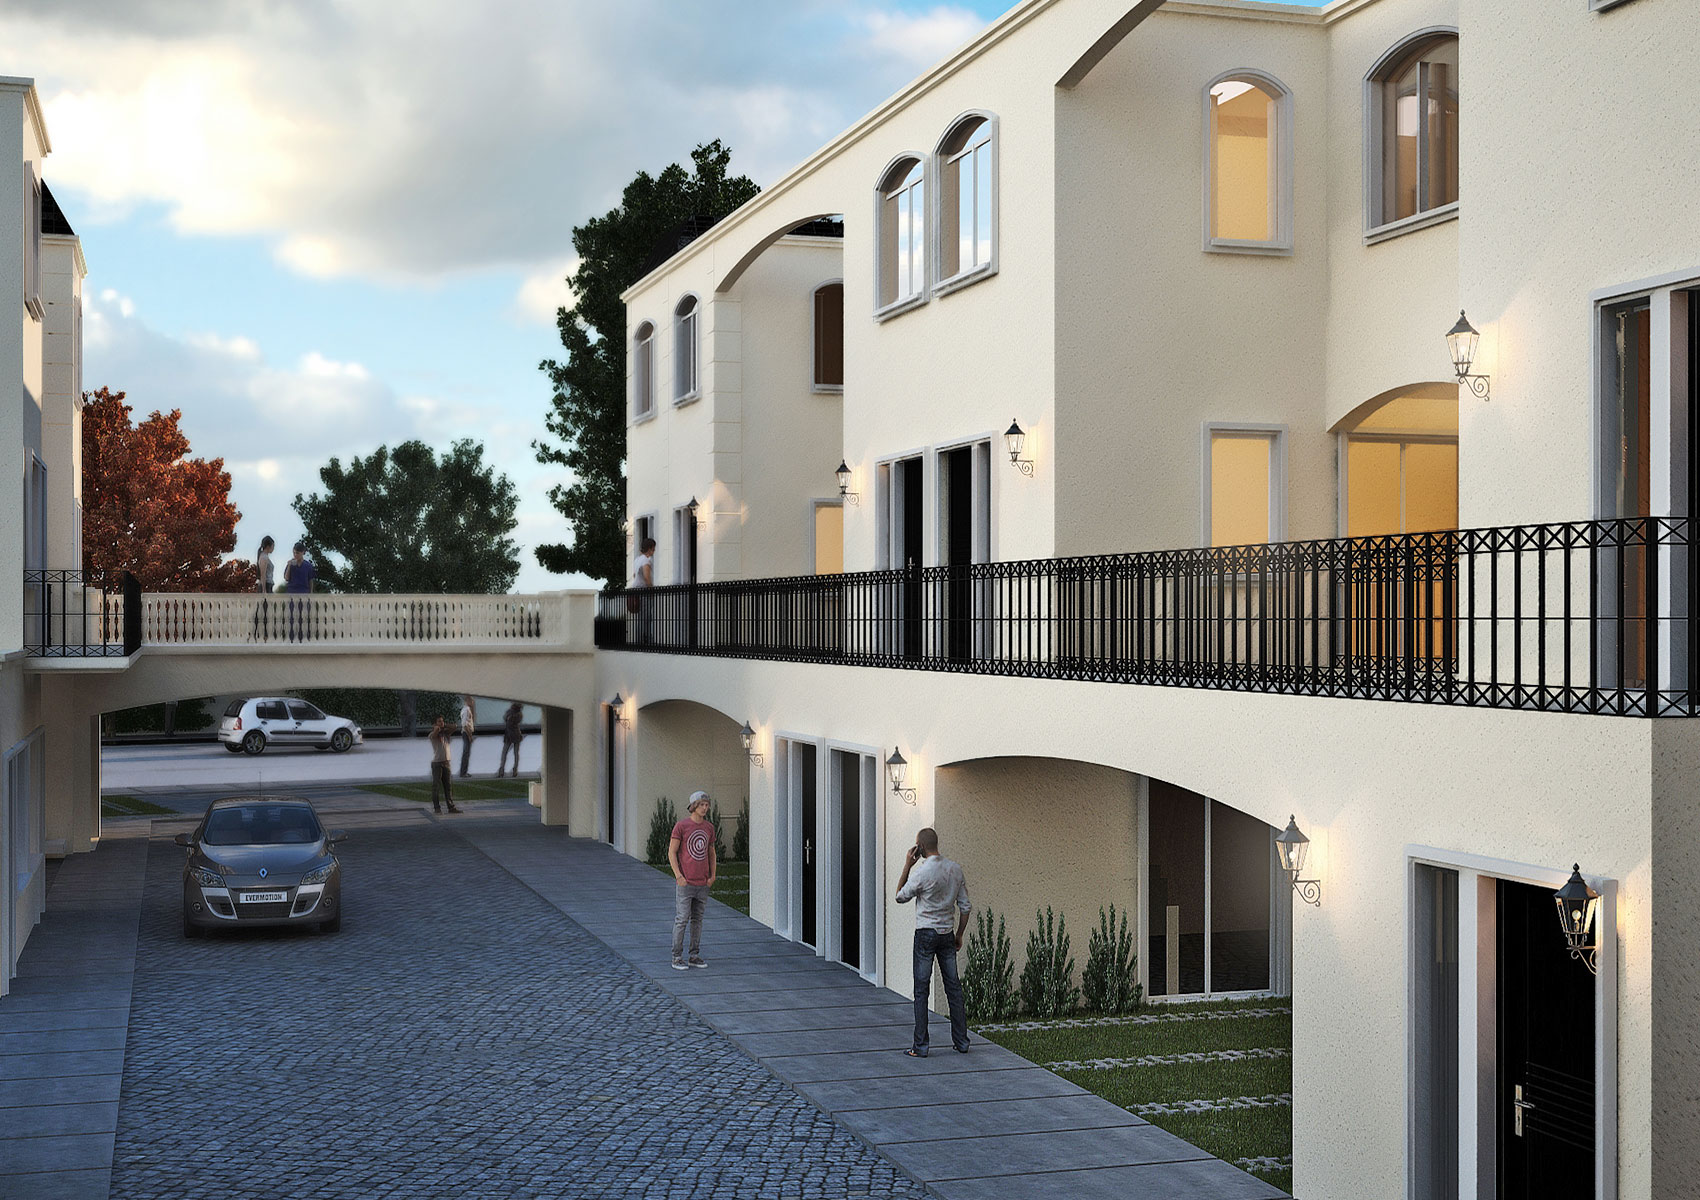 Villa carrodilla mr arquitectura for Espejo 70 mendoza